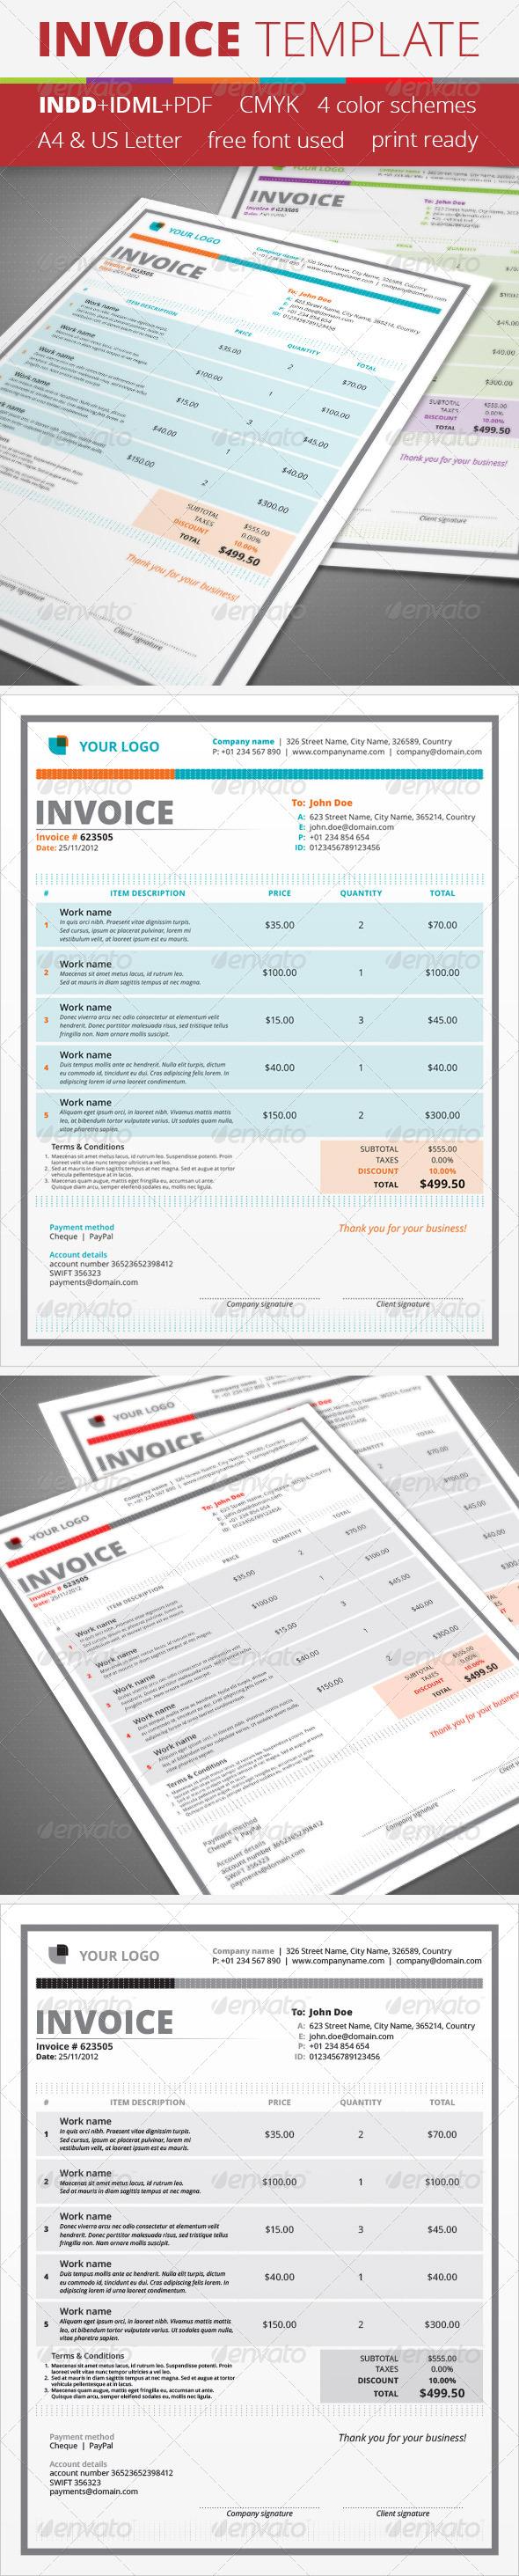 GraphicRiver Invoice Template 4432889